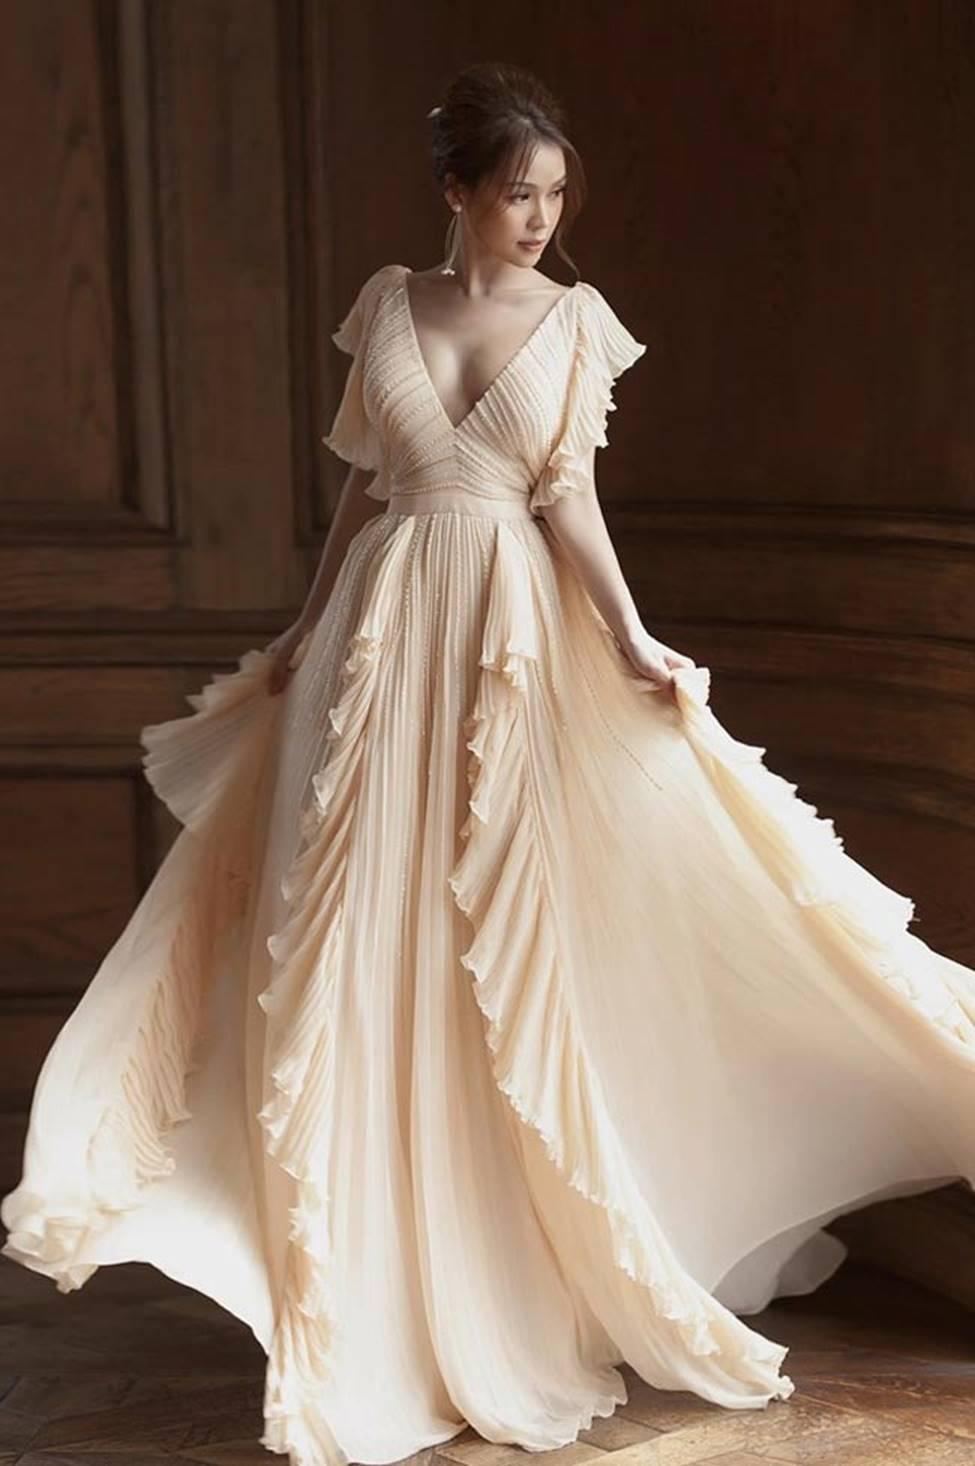 Váy trễ hút ánh nhìn của Chi Pu, Quỳnh búp bê...-12